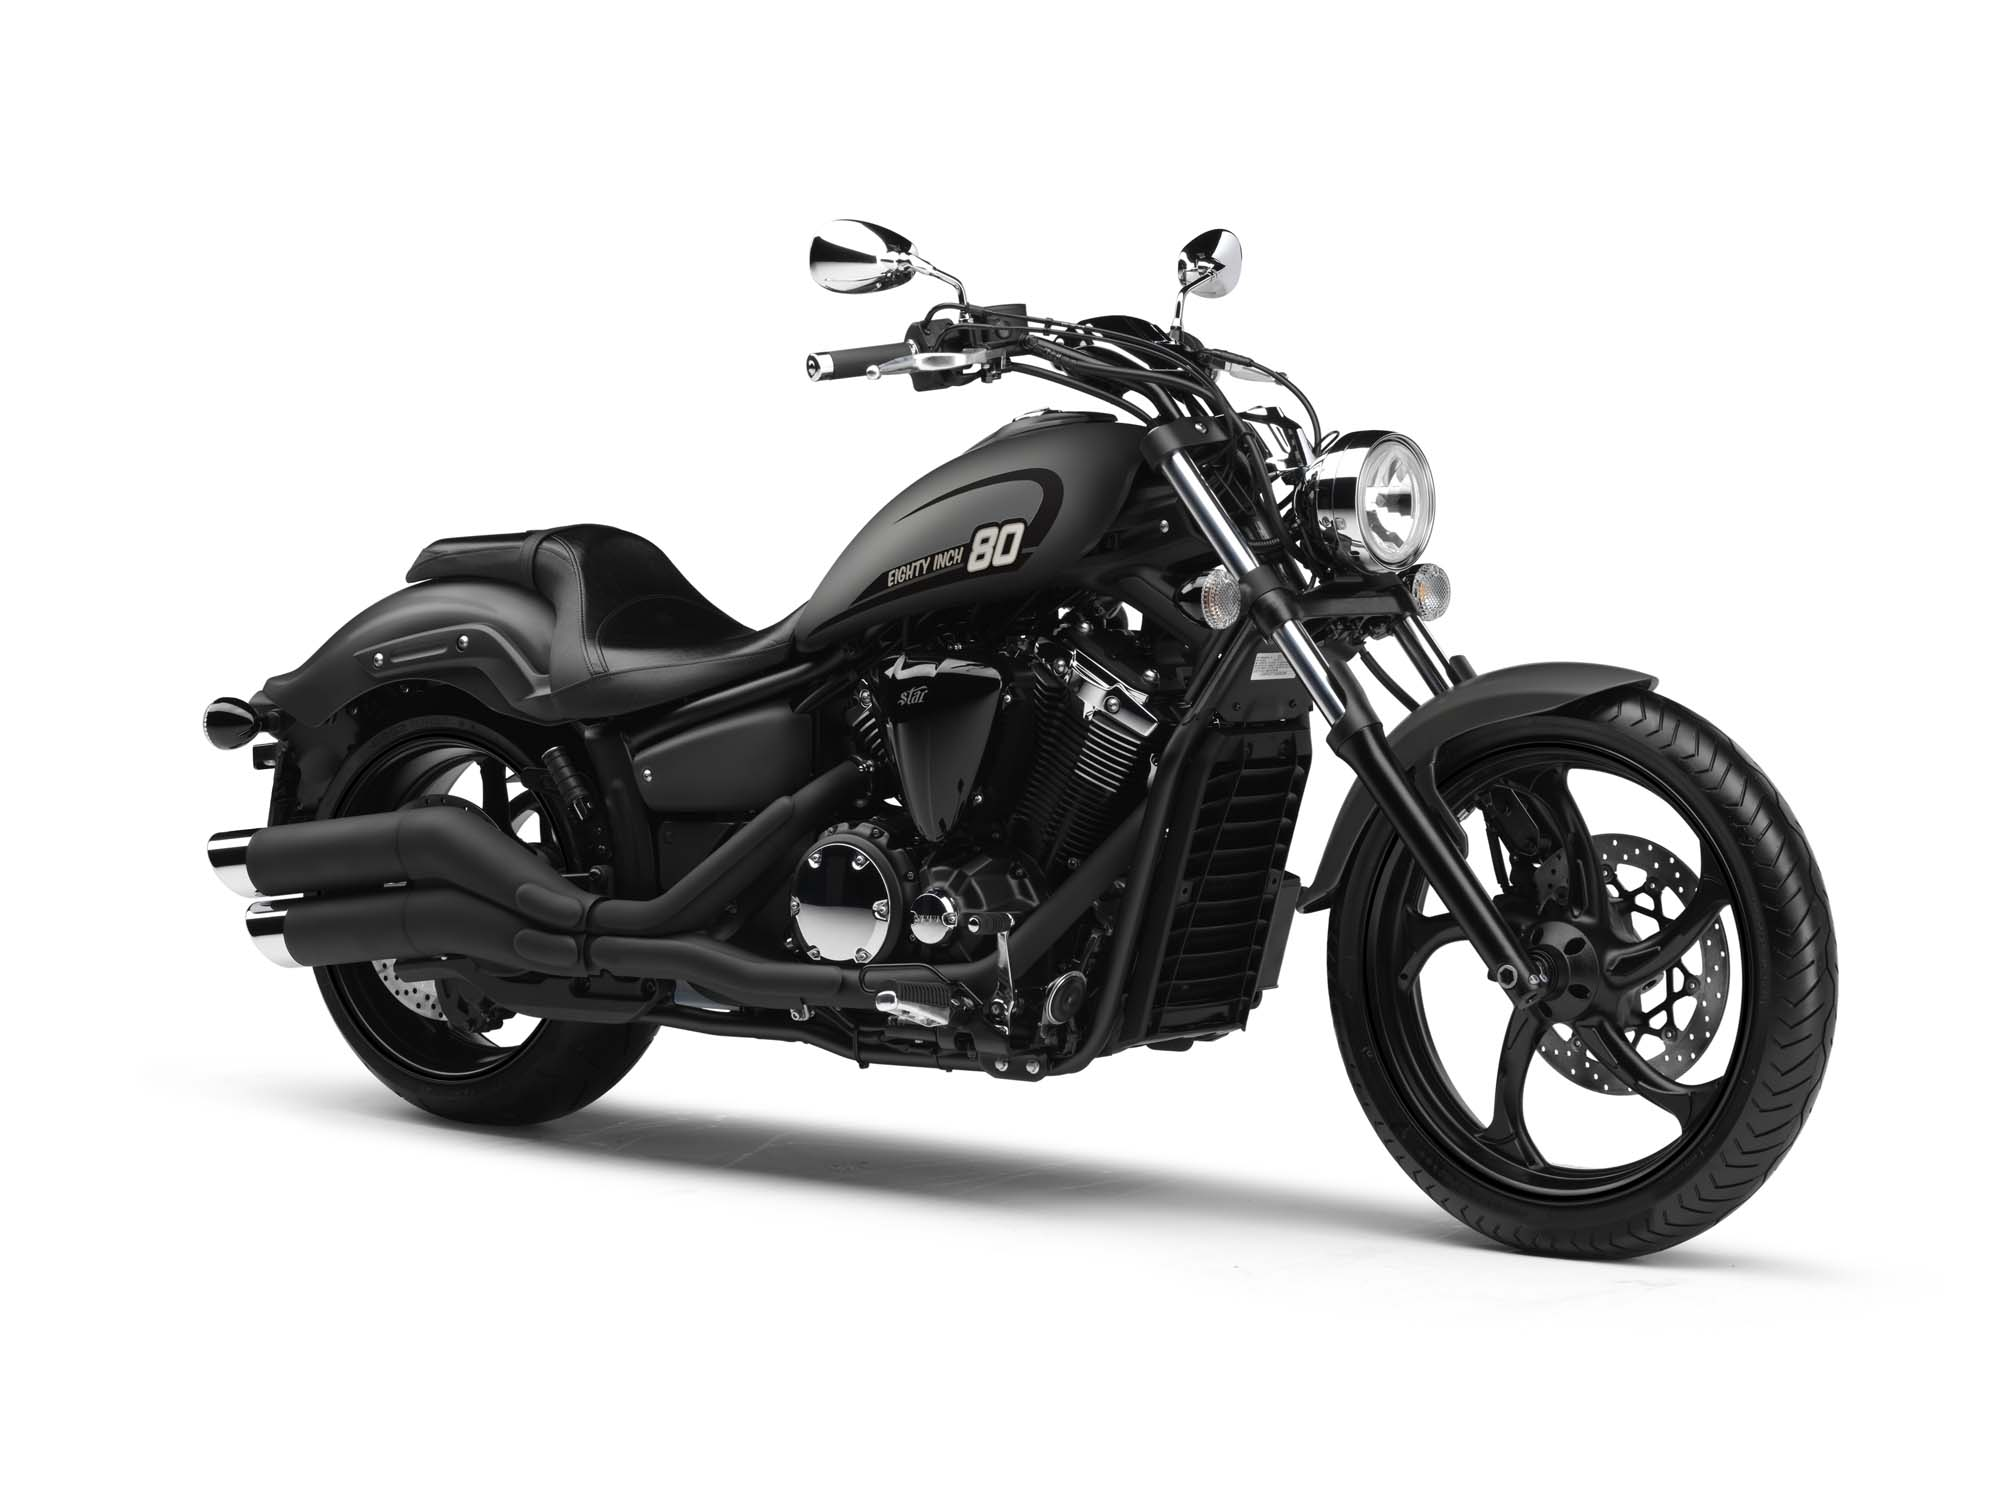 gebrauchte und neue yamaha xvs 1300 custom motorr der kaufen. Black Bedroom Furniture Sets. Home Design Ideas